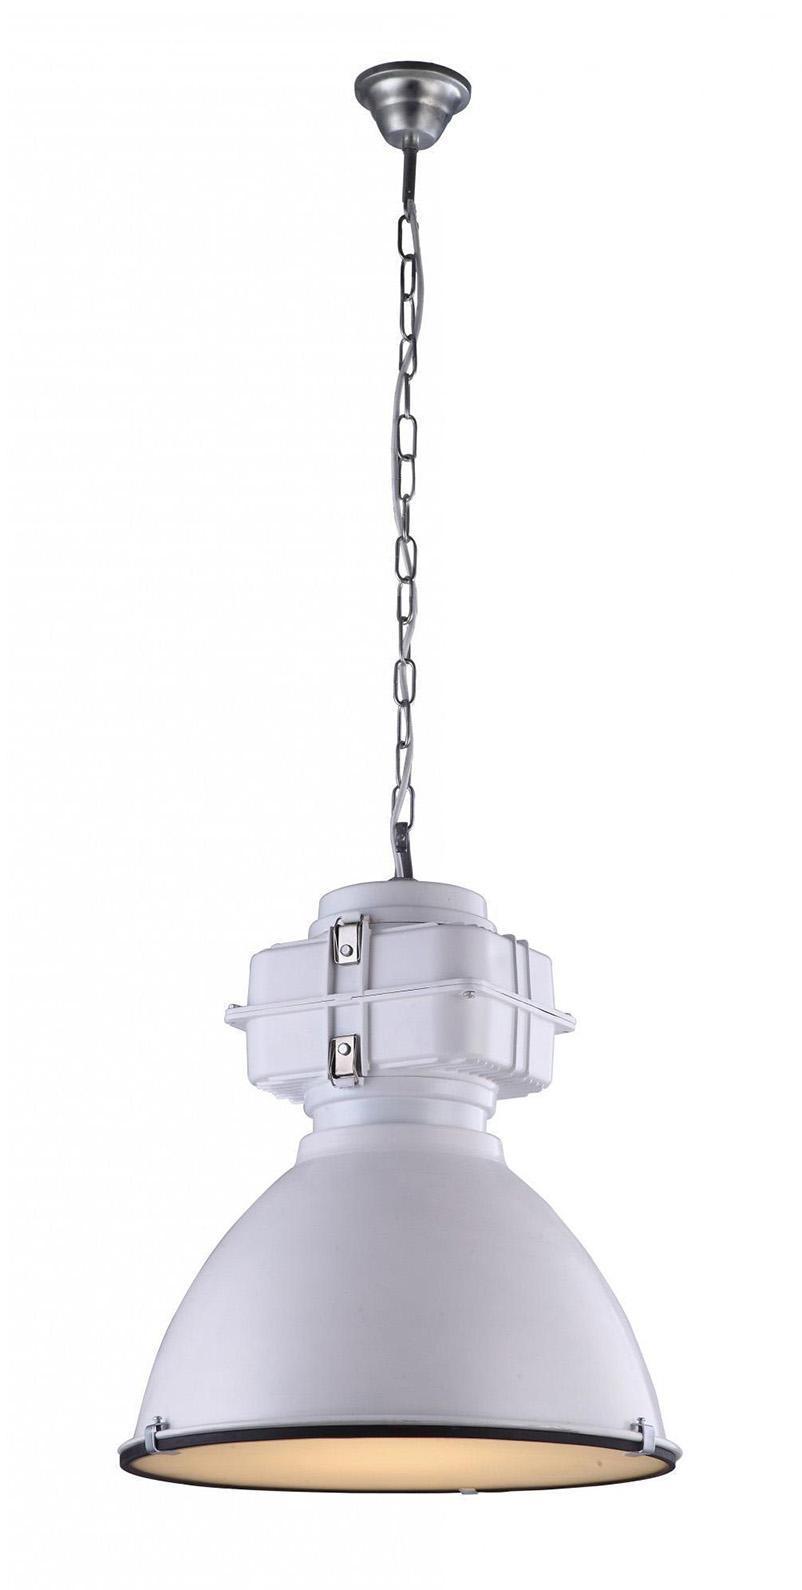 Светильник подвесной Arte lampСветильники подвесные<br>Количество ламп: 1, Мощность: 60, Назначение светильника: для комнаты, Стиль светильника: модерн, Материал светильника: металл, Диаметр: 480, Высота: 1520, Тип лампы: накаливания, Патрон: Е14, Цвет арматуры: белый, Вес нетто: 4.8, Коллекция: 5014<br>